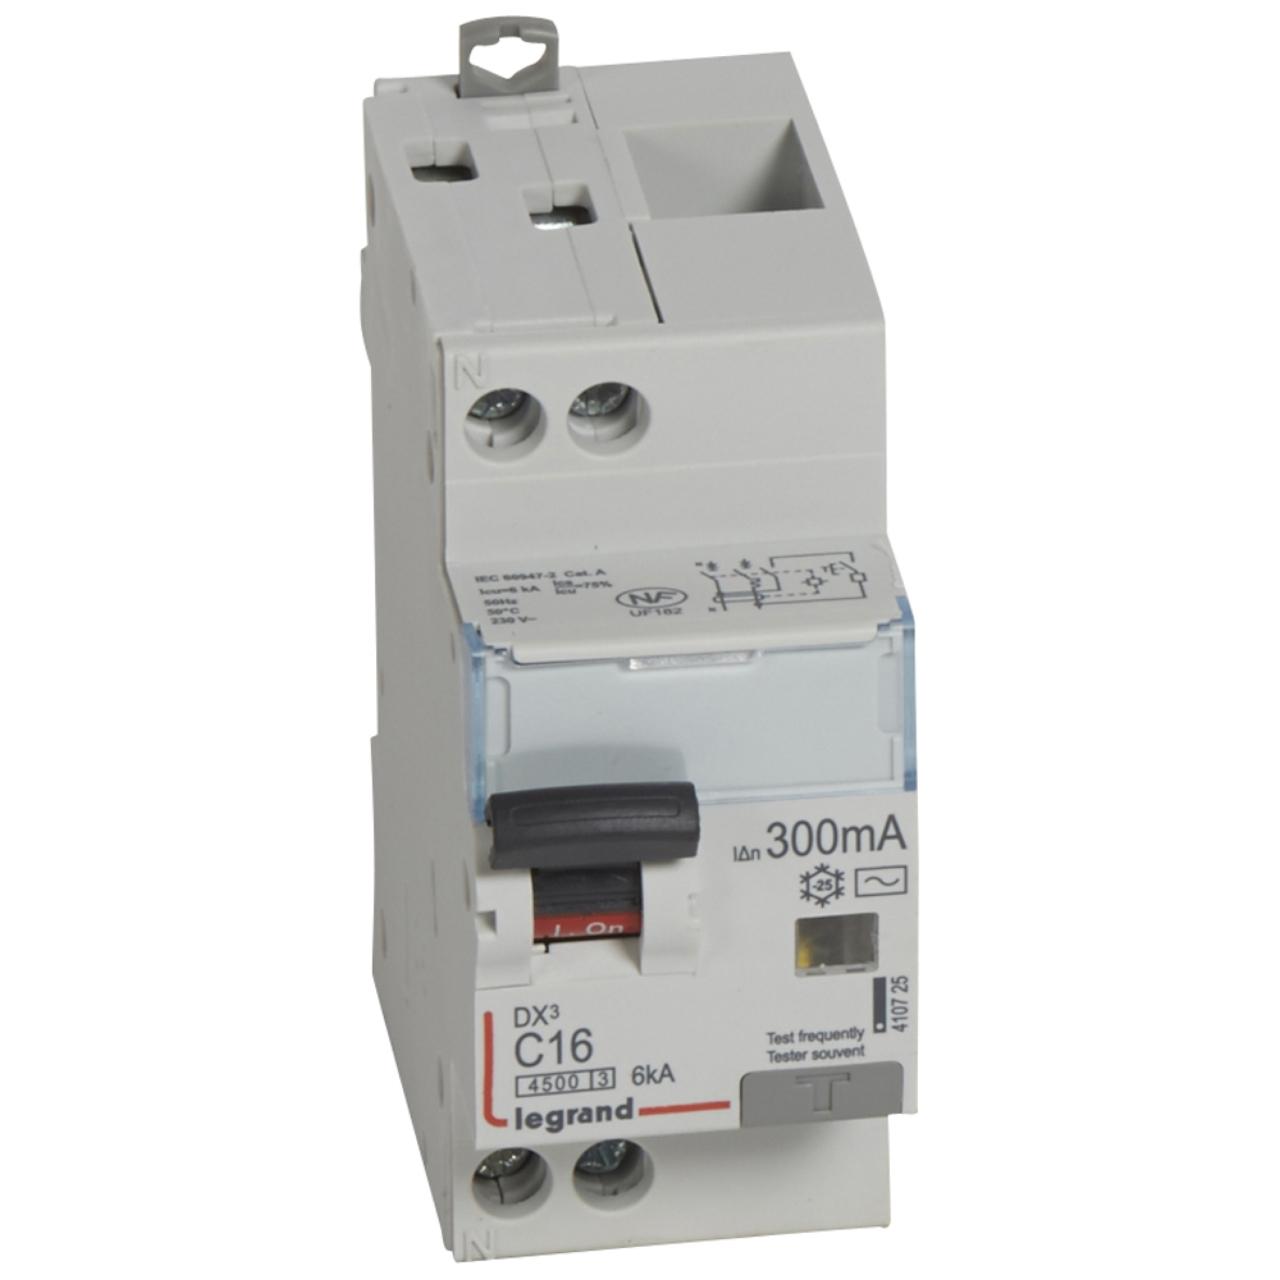 vis 6ka disjoncteur diff/érentiel legrand dx3 40a courbe c 30ma 2 poles type ac vis